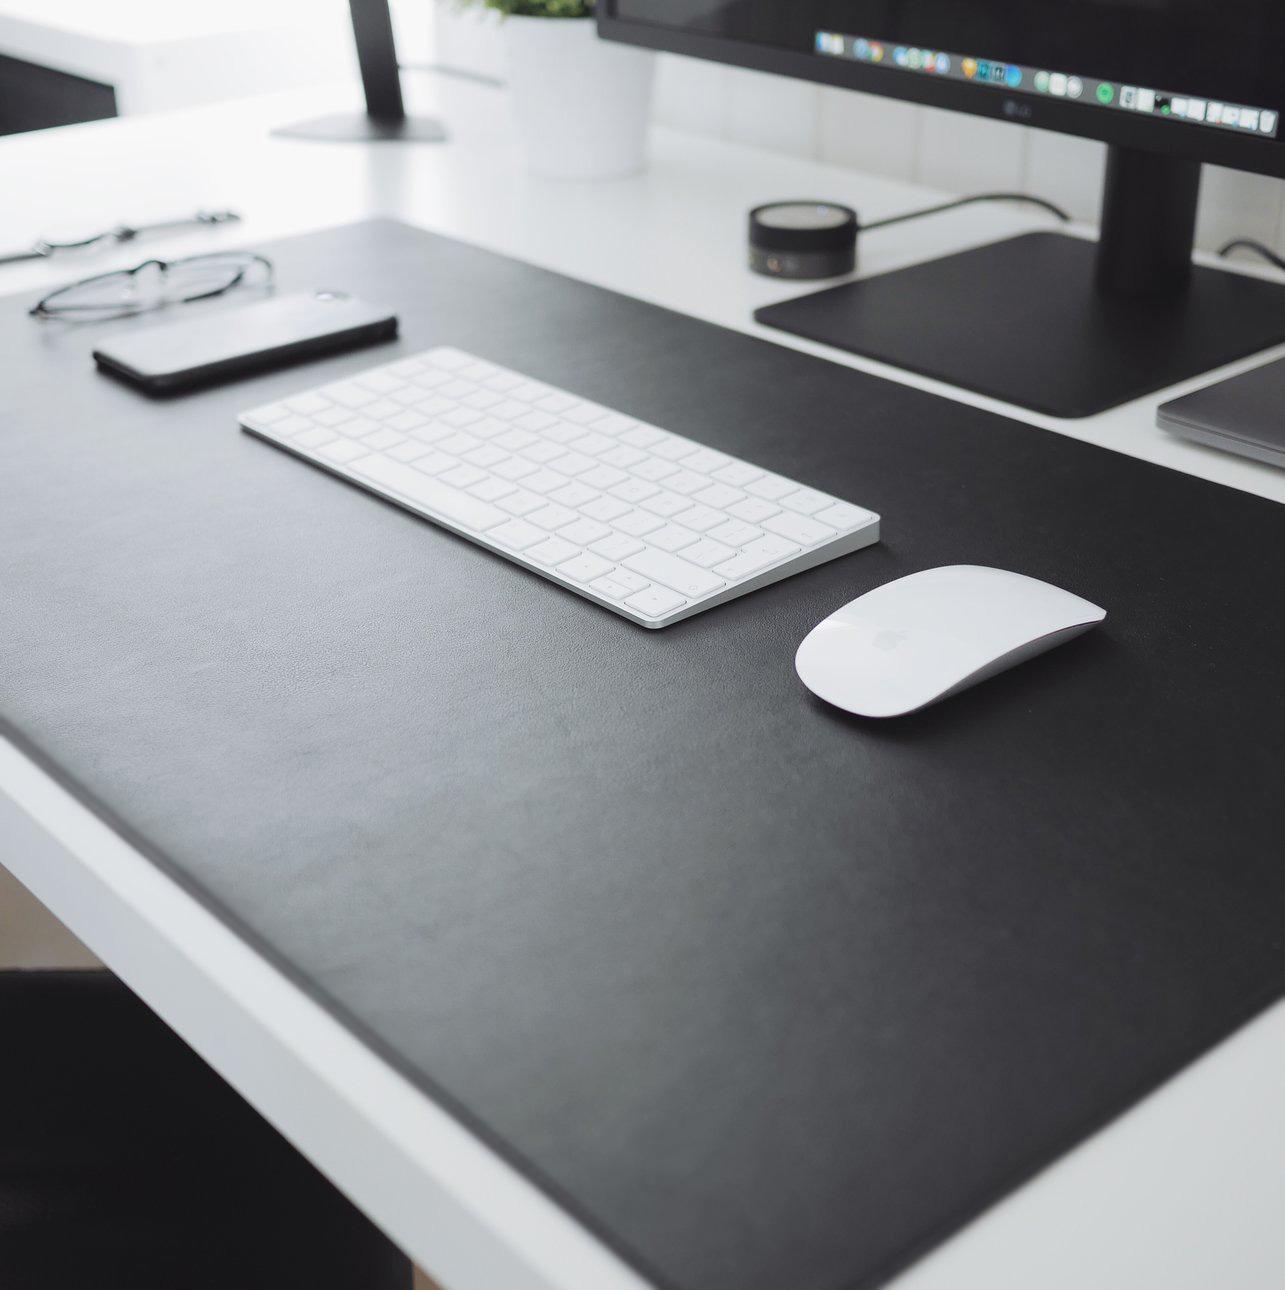 dovanos vyrams   verslo dovana naturalios odos ranku darbo laptop kompiuterio  padas stalo uztiesimas   43